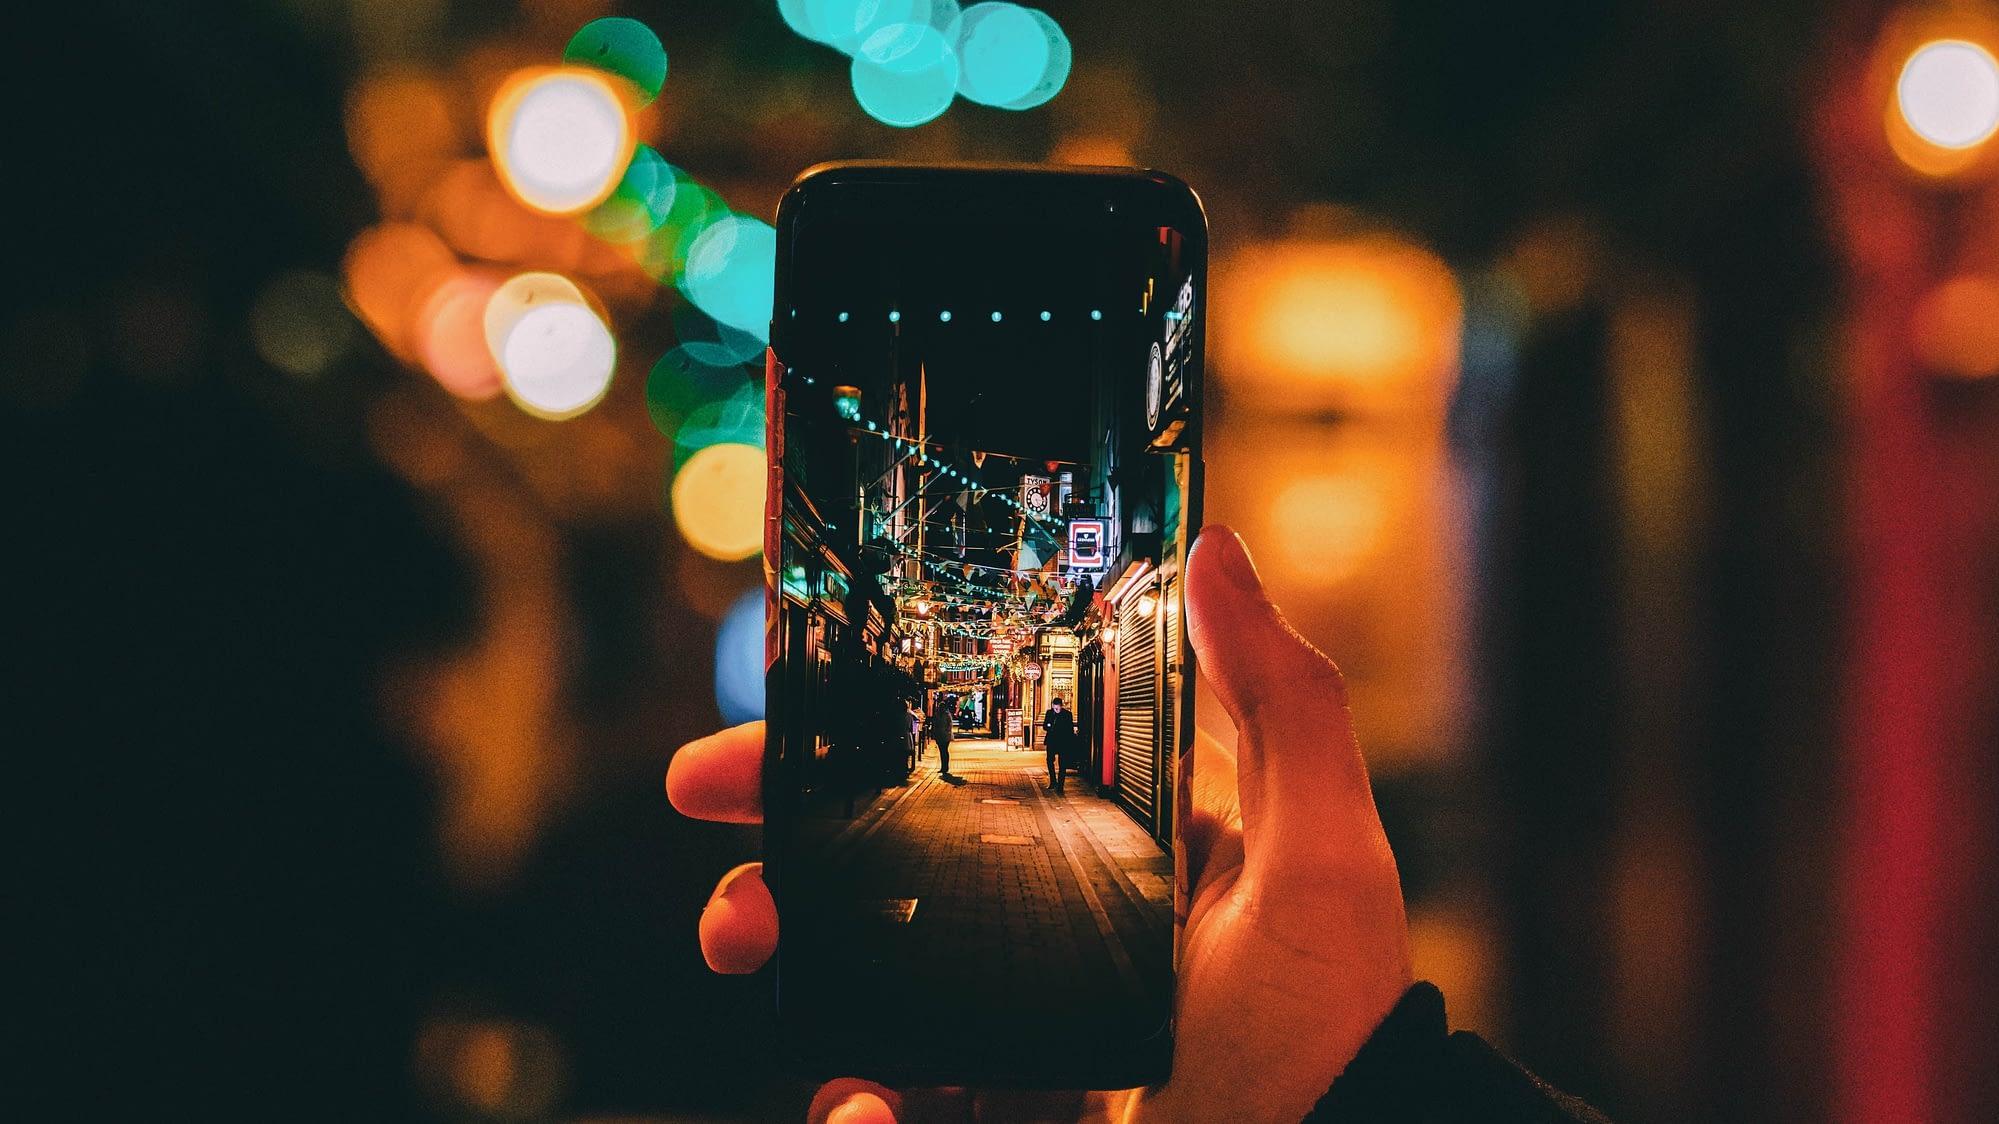 Une personne prend une photographie d'une rue avec son smartphone